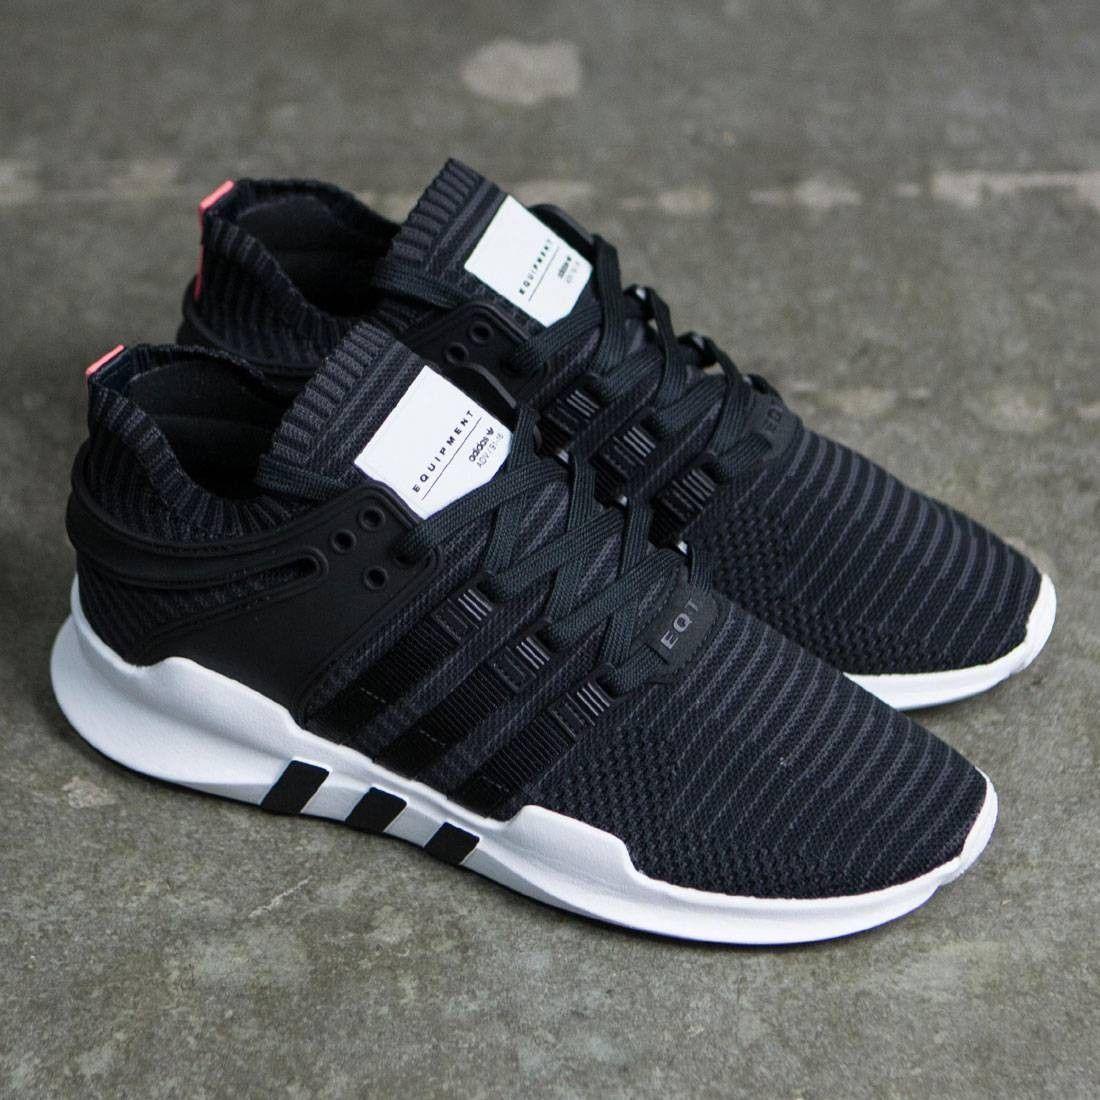 black adidas eqt men's